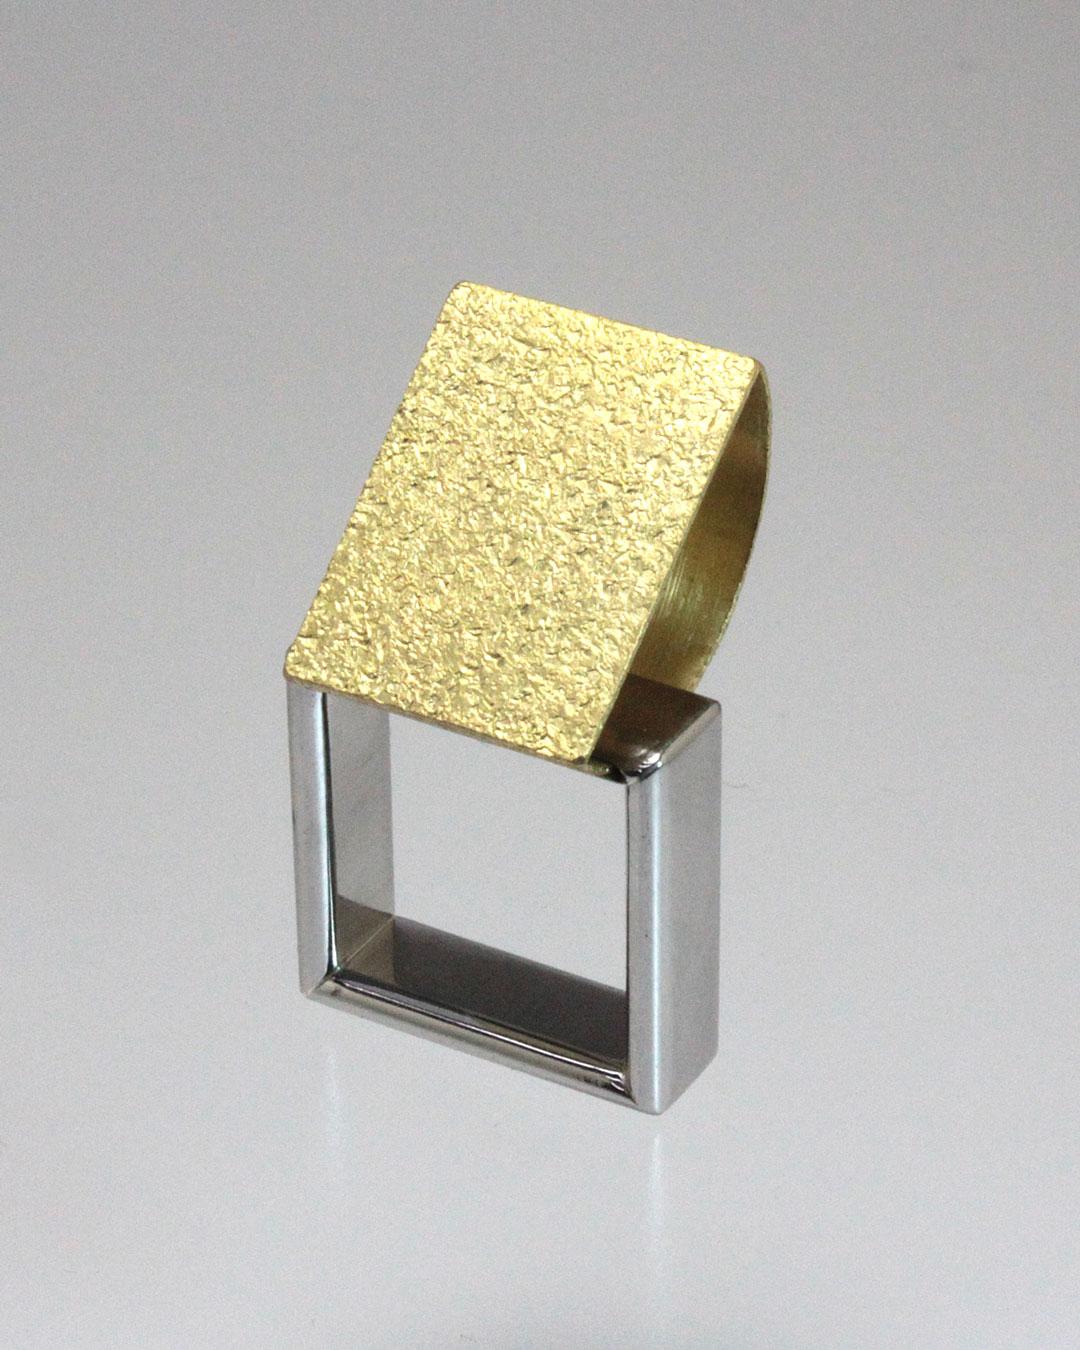 Okinari Kurokawa, untitled, 2014, ring, 20ct gold, stainless steel, 40 x 22 x 23 mm